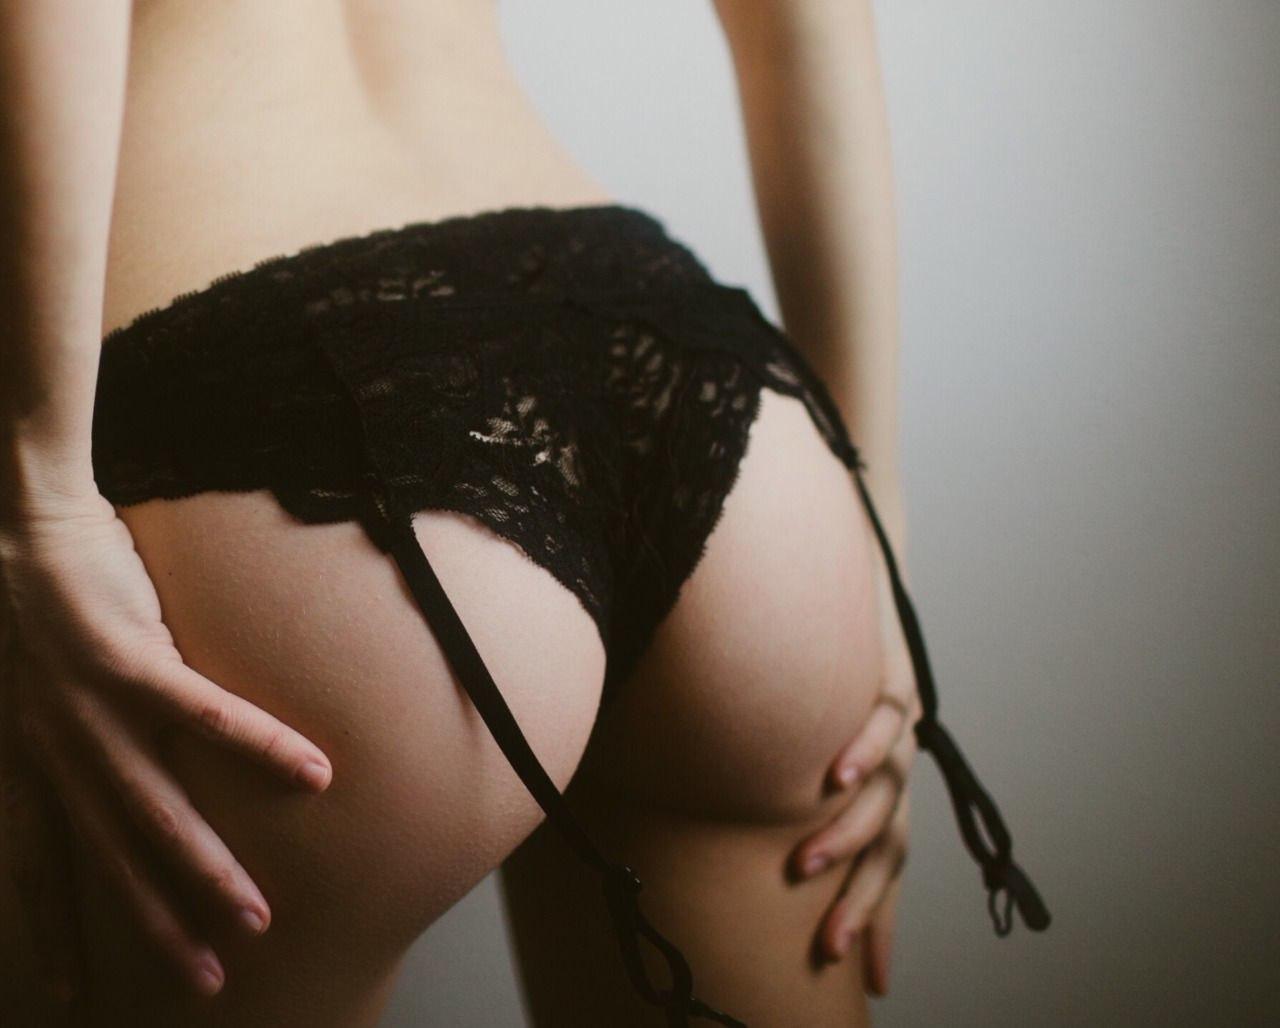 Молодые телочки хвастают сочными попками в трусиках секс фото и порно фото